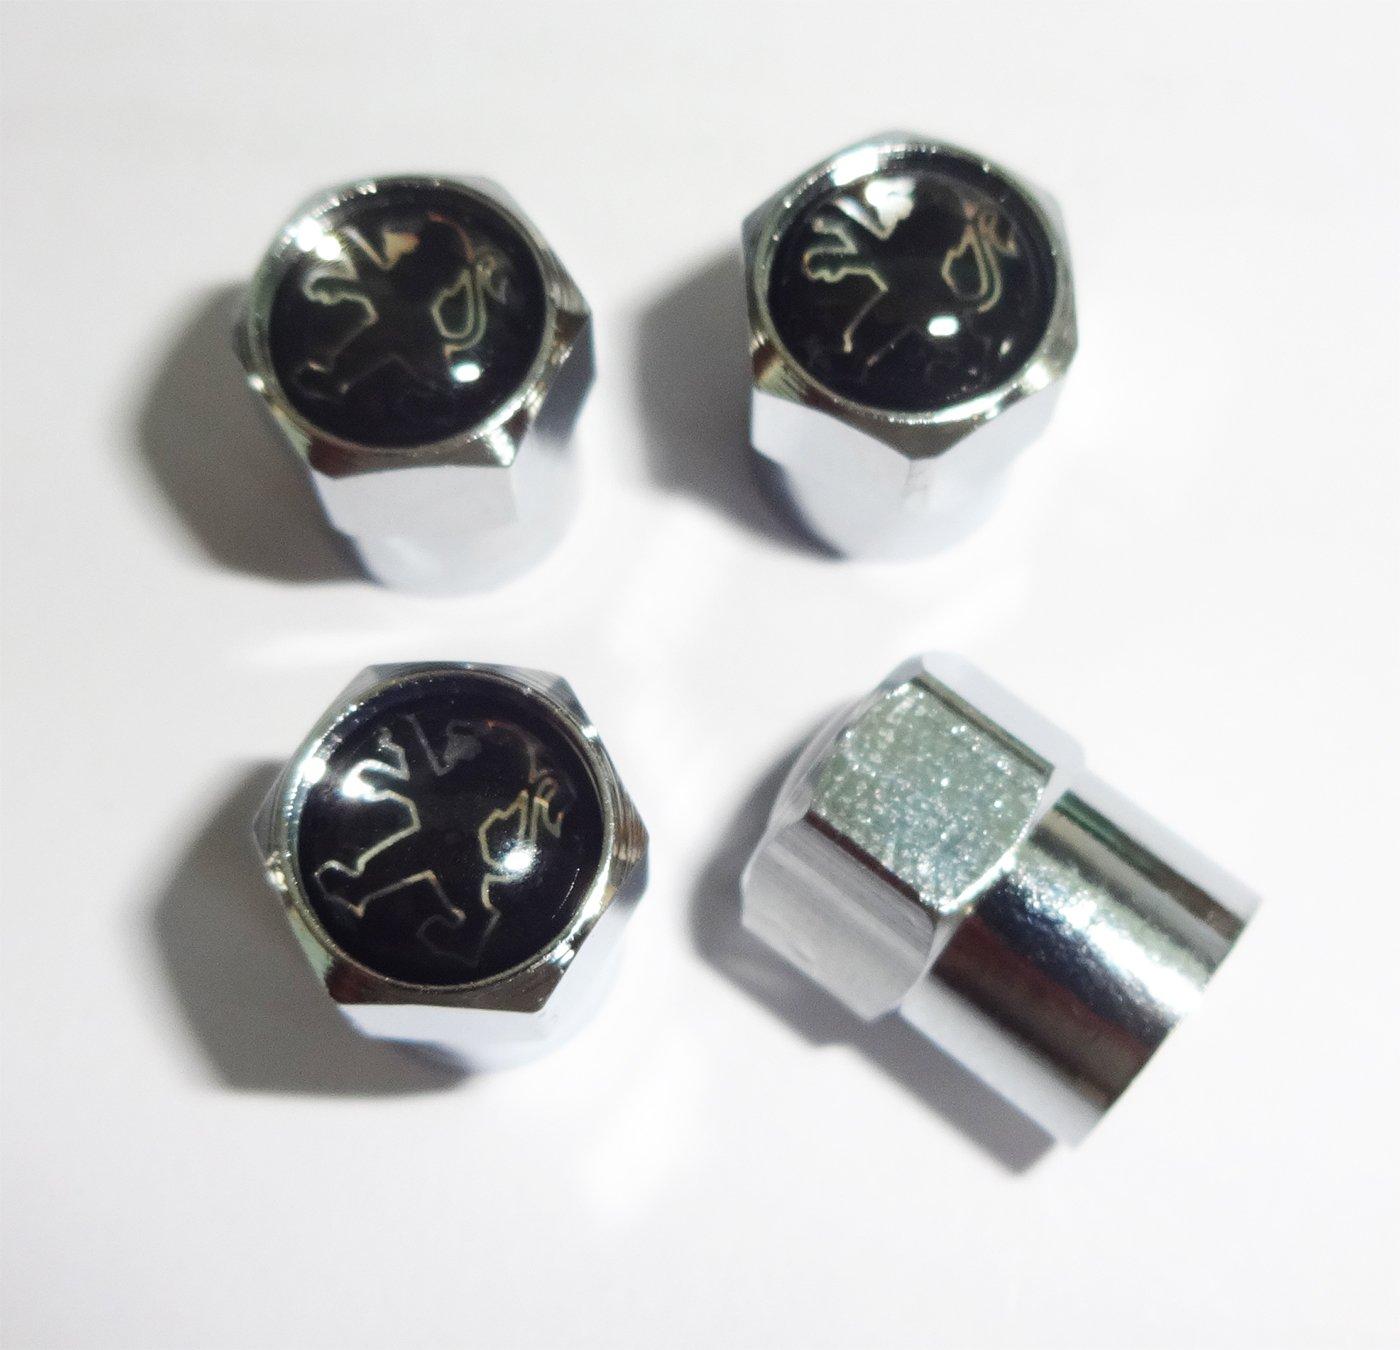 Noir et chrome Peugeot Bouchons de valve